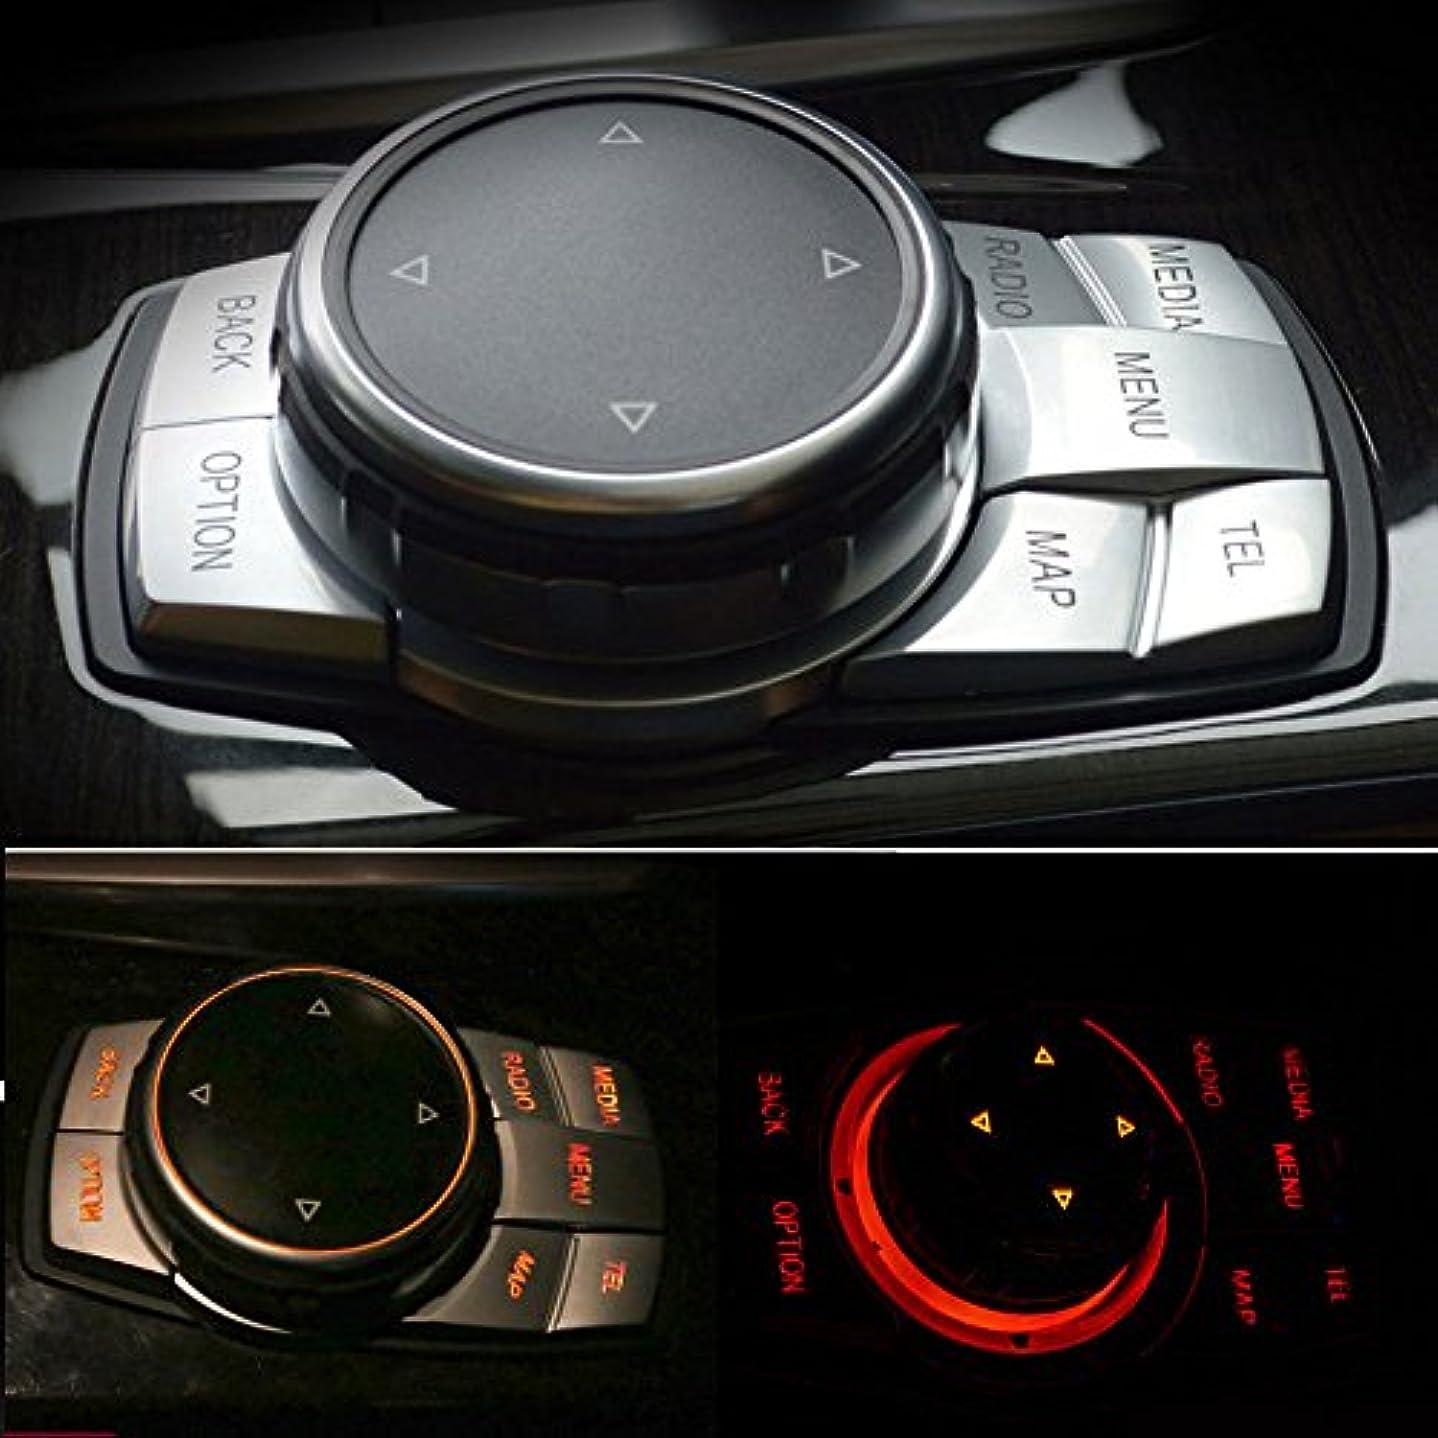 カナダ焼く制裁Jicorzo - Interior Chrome Multi-Media Button Cover Trim Decoration Car Styling Sticker ABS For BMW 7 Series E60...